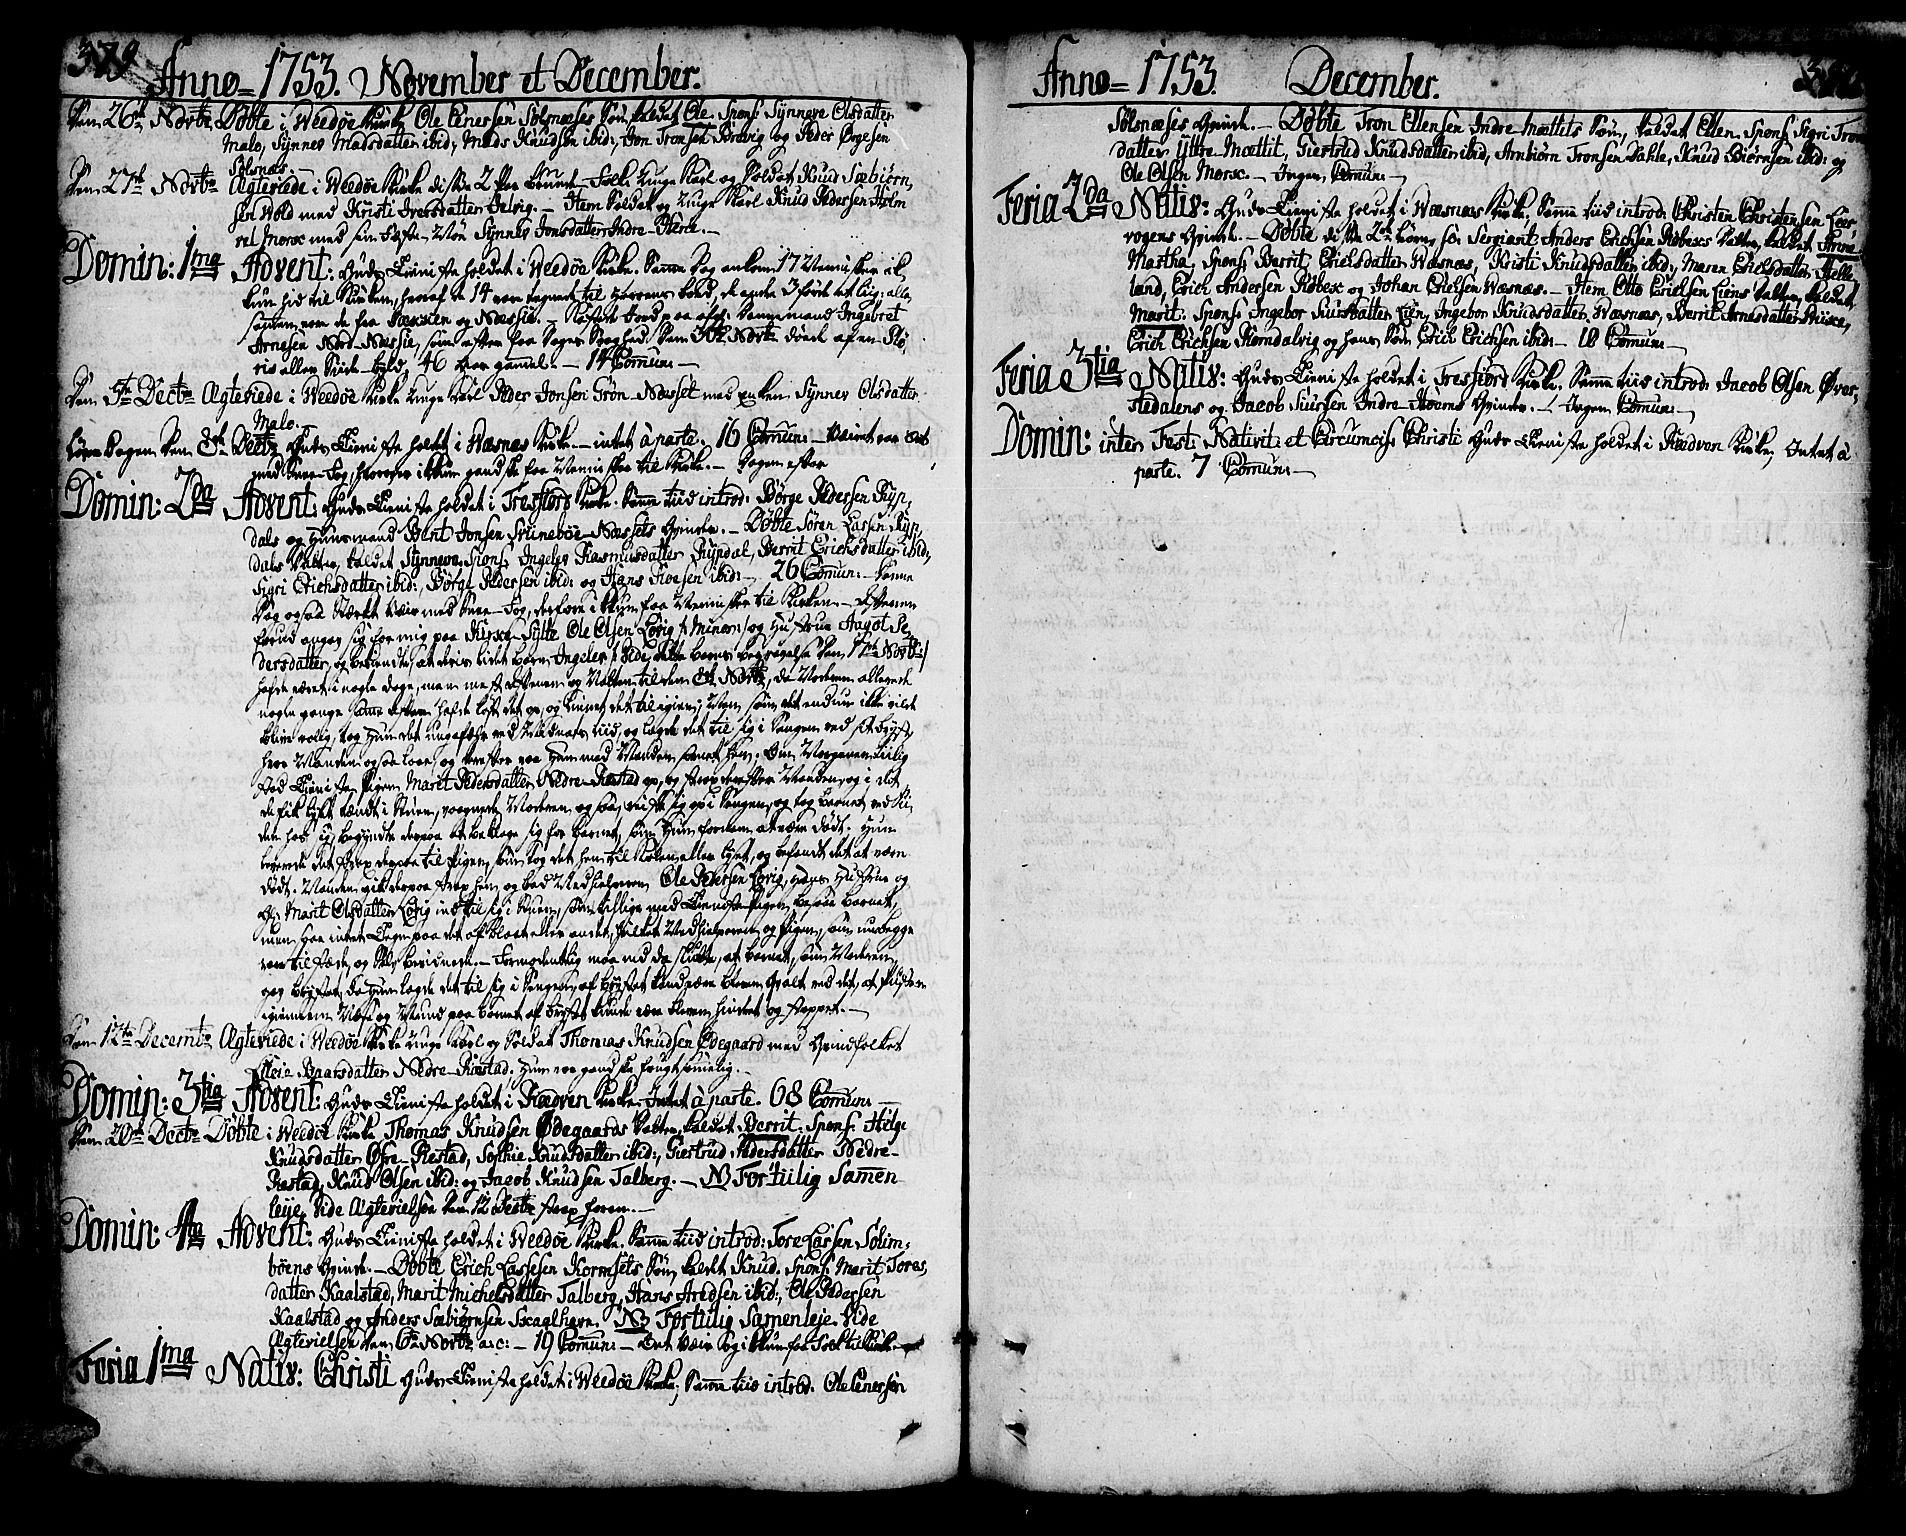 SAT, Ministerialprotokoller, klokkerbøker og fødselsregistre - Møre og Romsdal, 547/L0599: Ministerialbok nr. 547A01, 1721-1764, s. 379-380